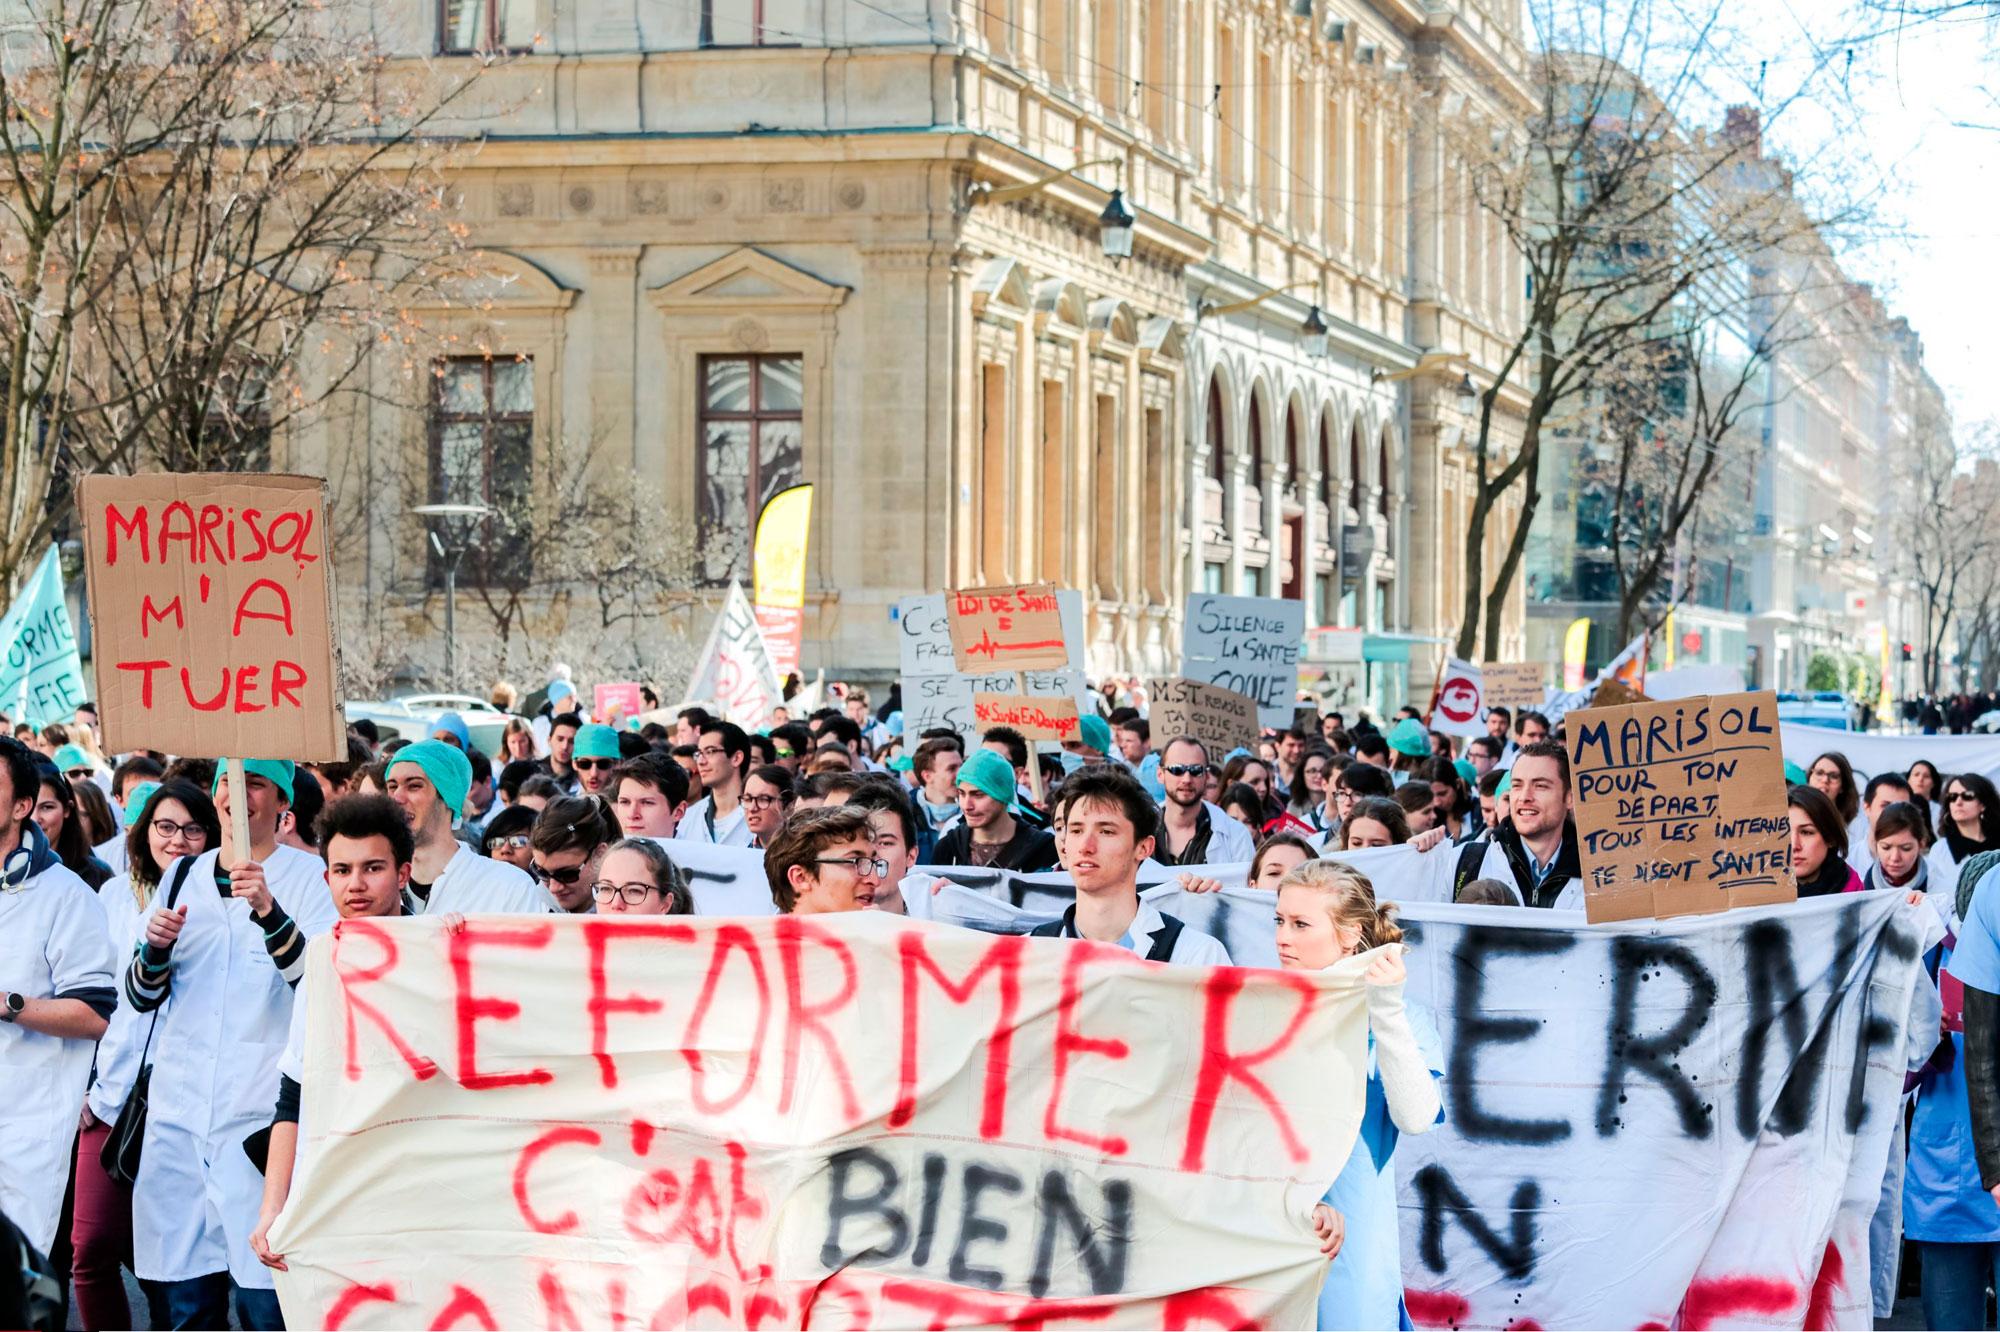 Les m decins dans la rue contre la loi sant le front de la col re - Les encombrants paris 15 ...